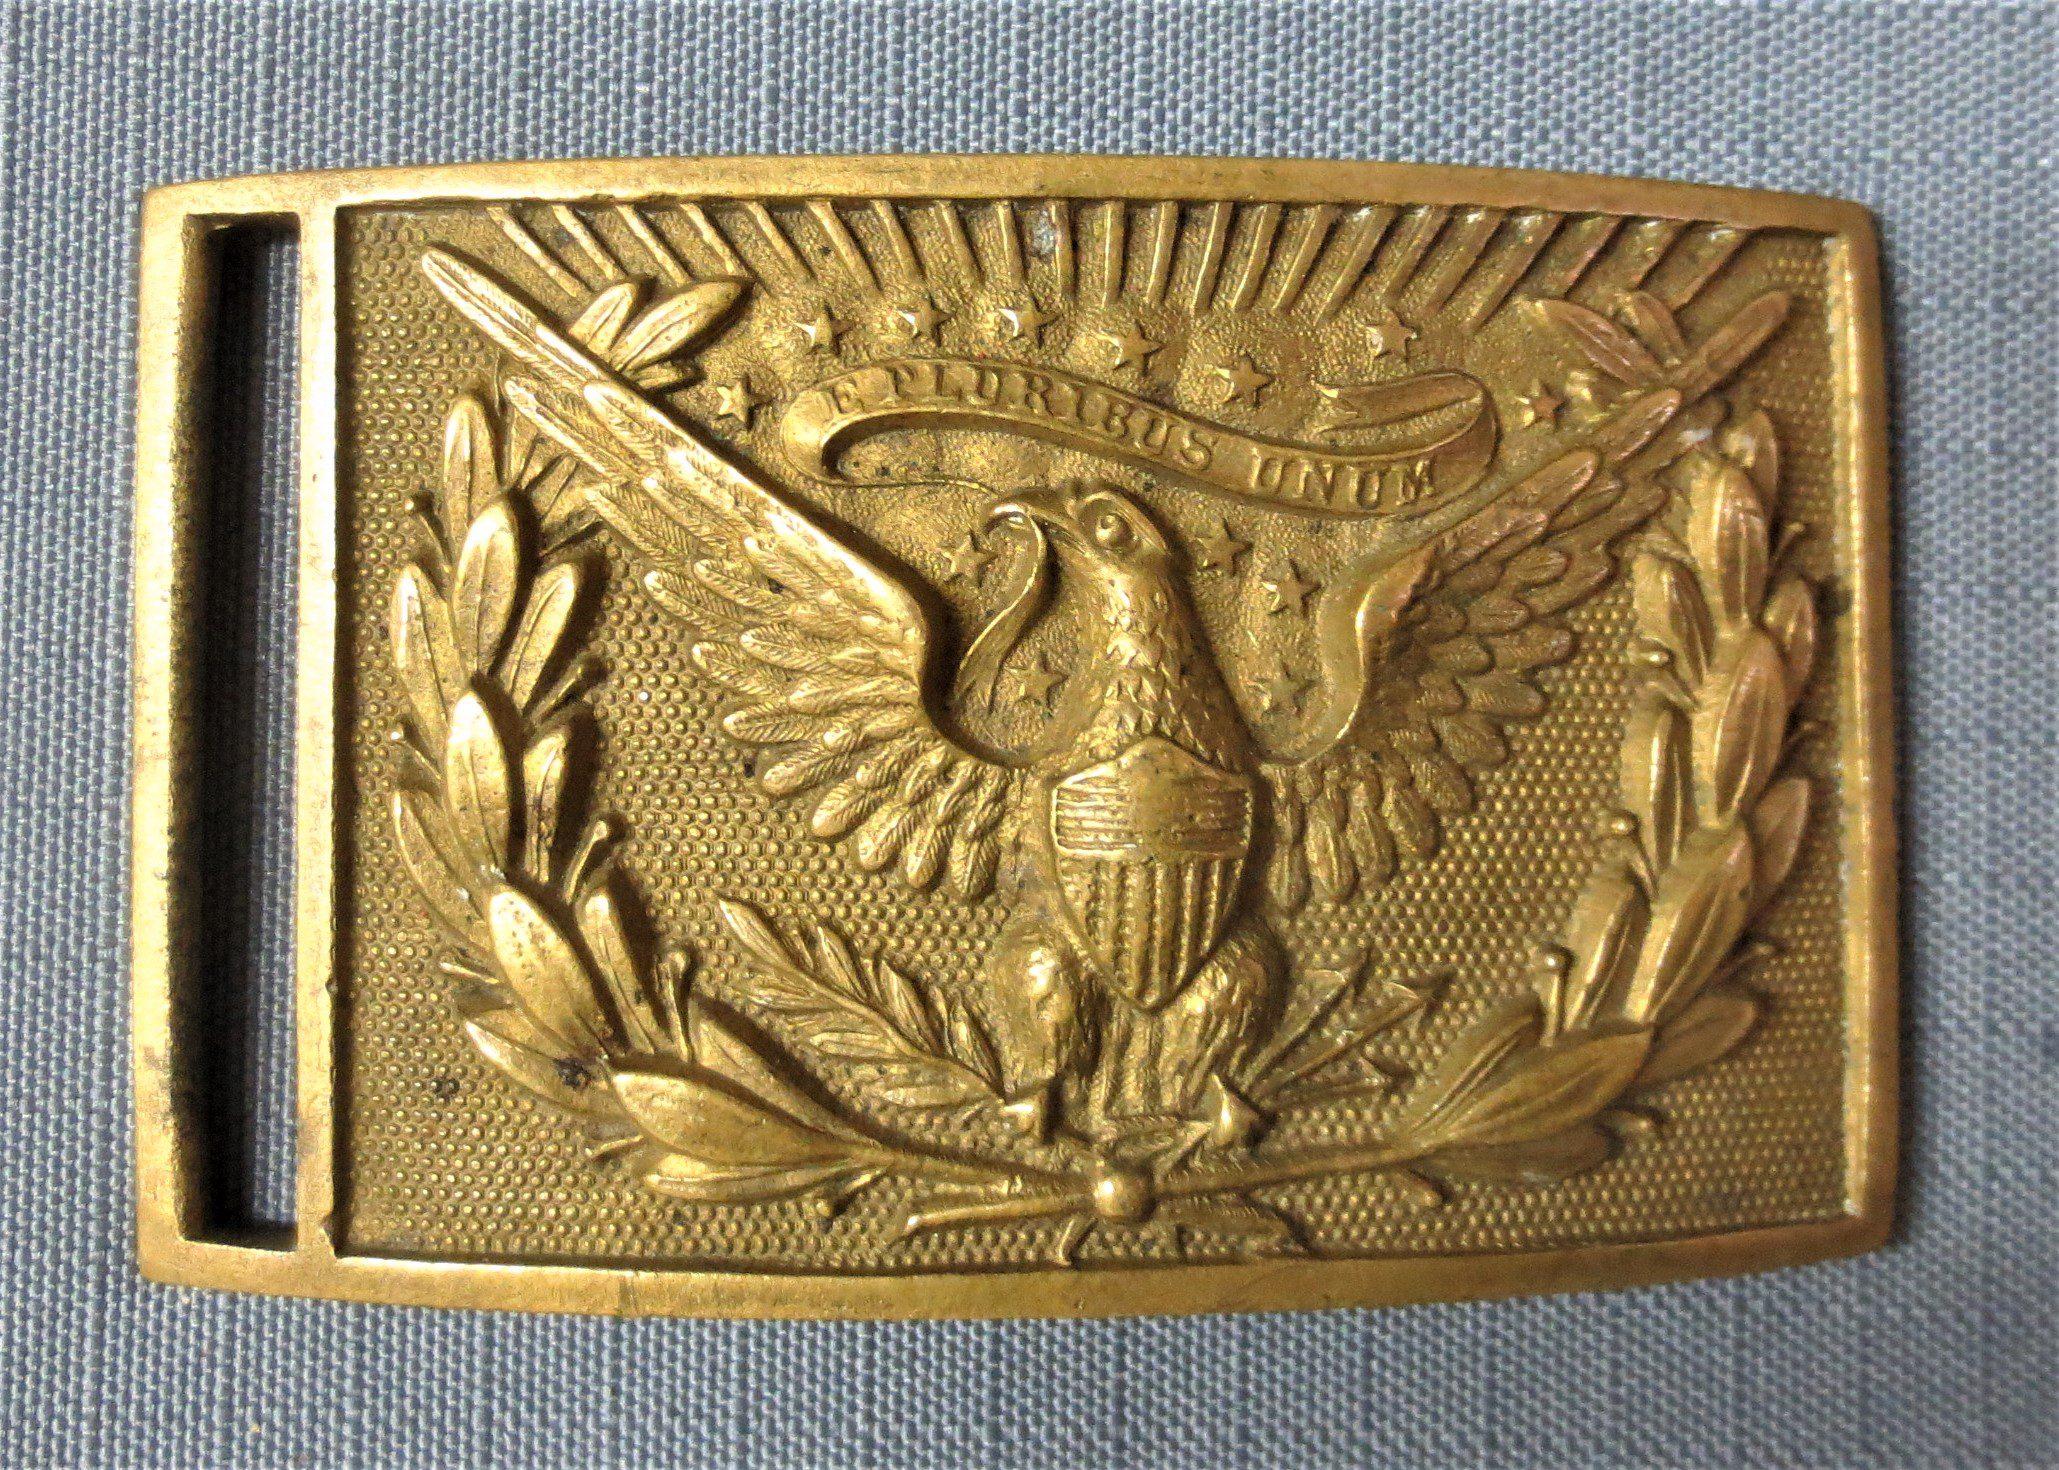 Civil War M1851 Officer sword belt plate, near mint condition